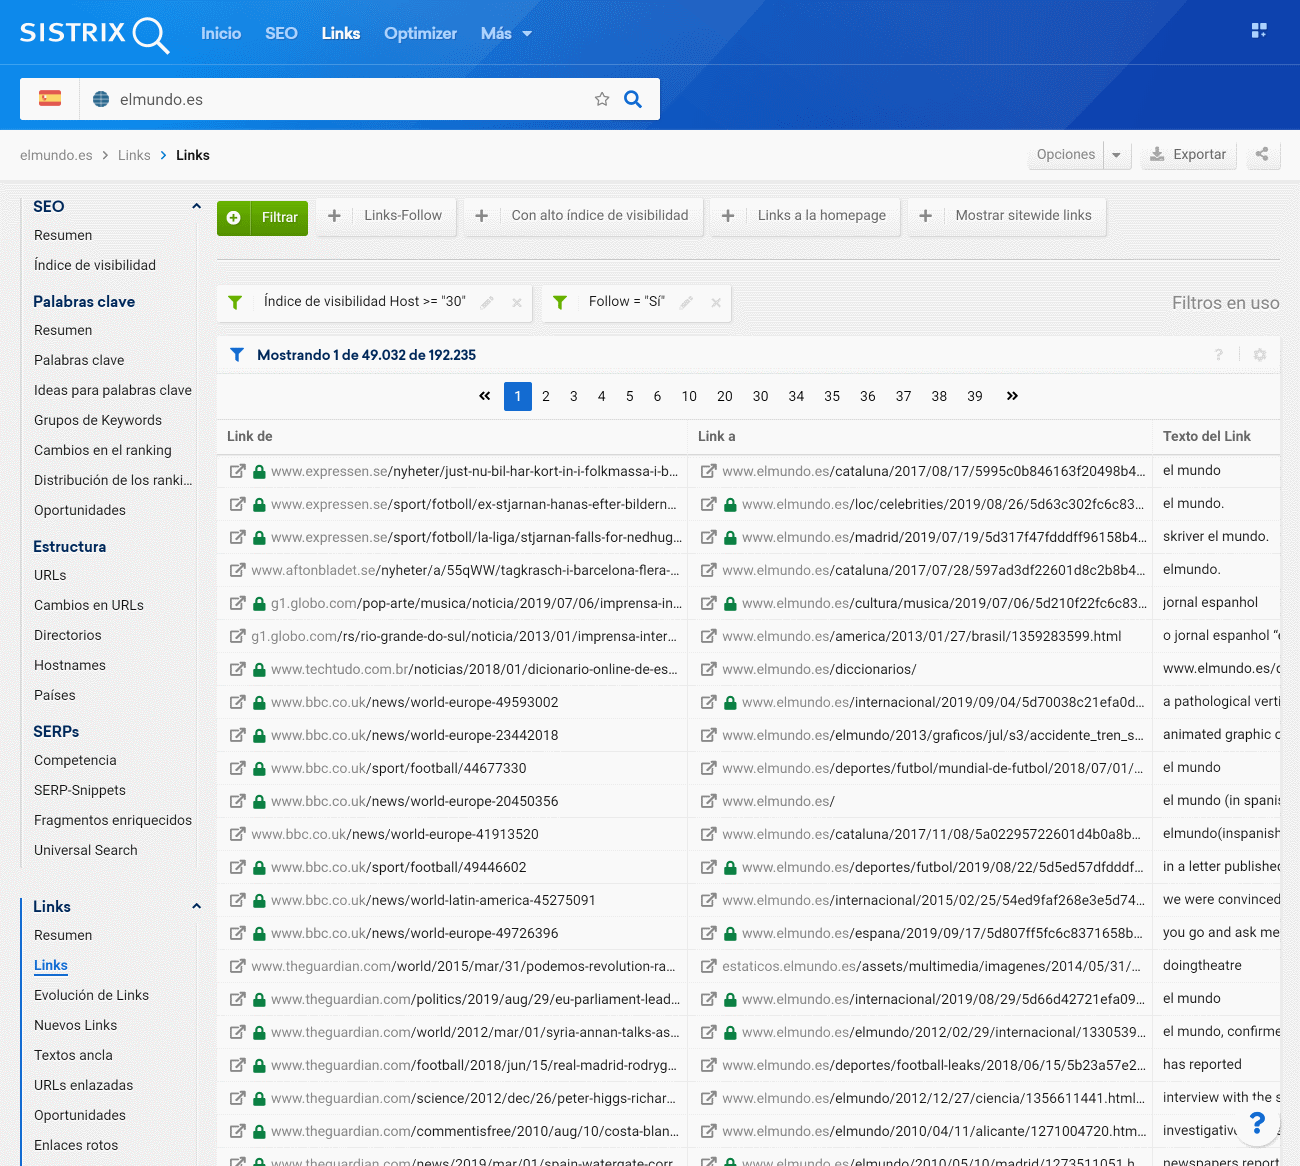 Resumen de backinks del dominio elmundo.es recibidos en dominios con un índice de visibilidad del host mayor a 30 puntos que son Follow